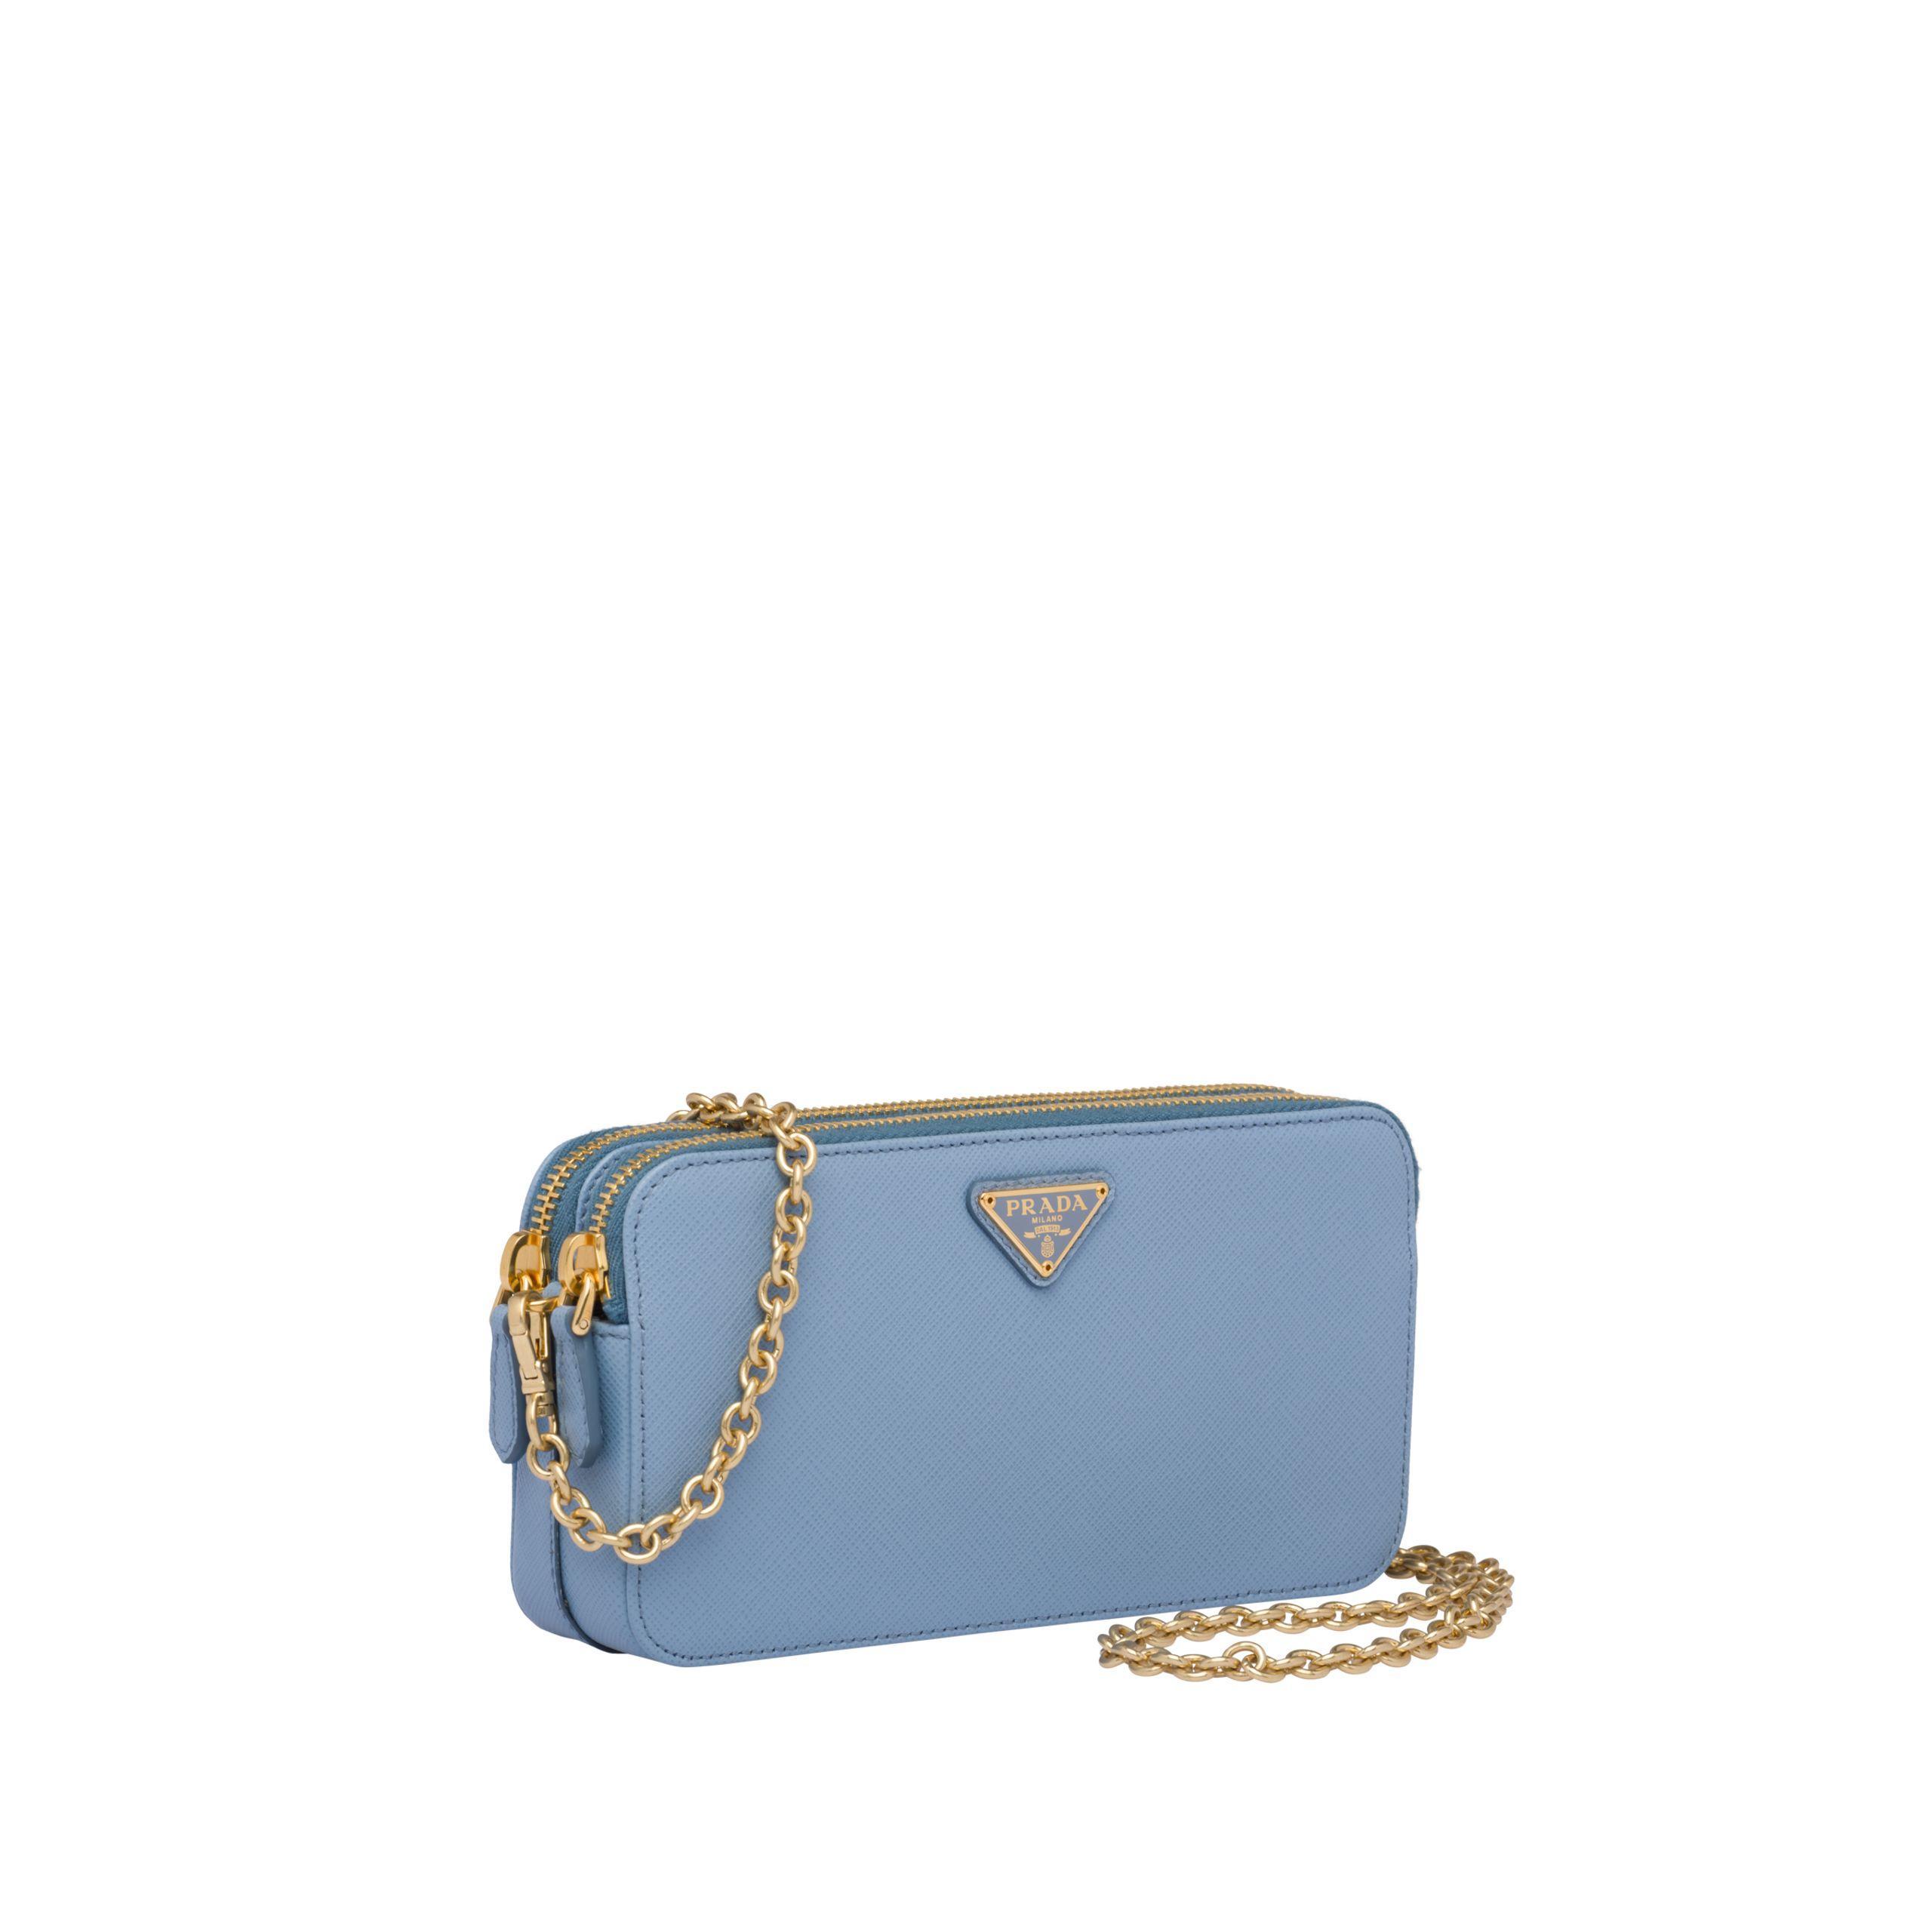 05779fb5 Women's Blue Saffiano Leather Mini Shoulder Bag